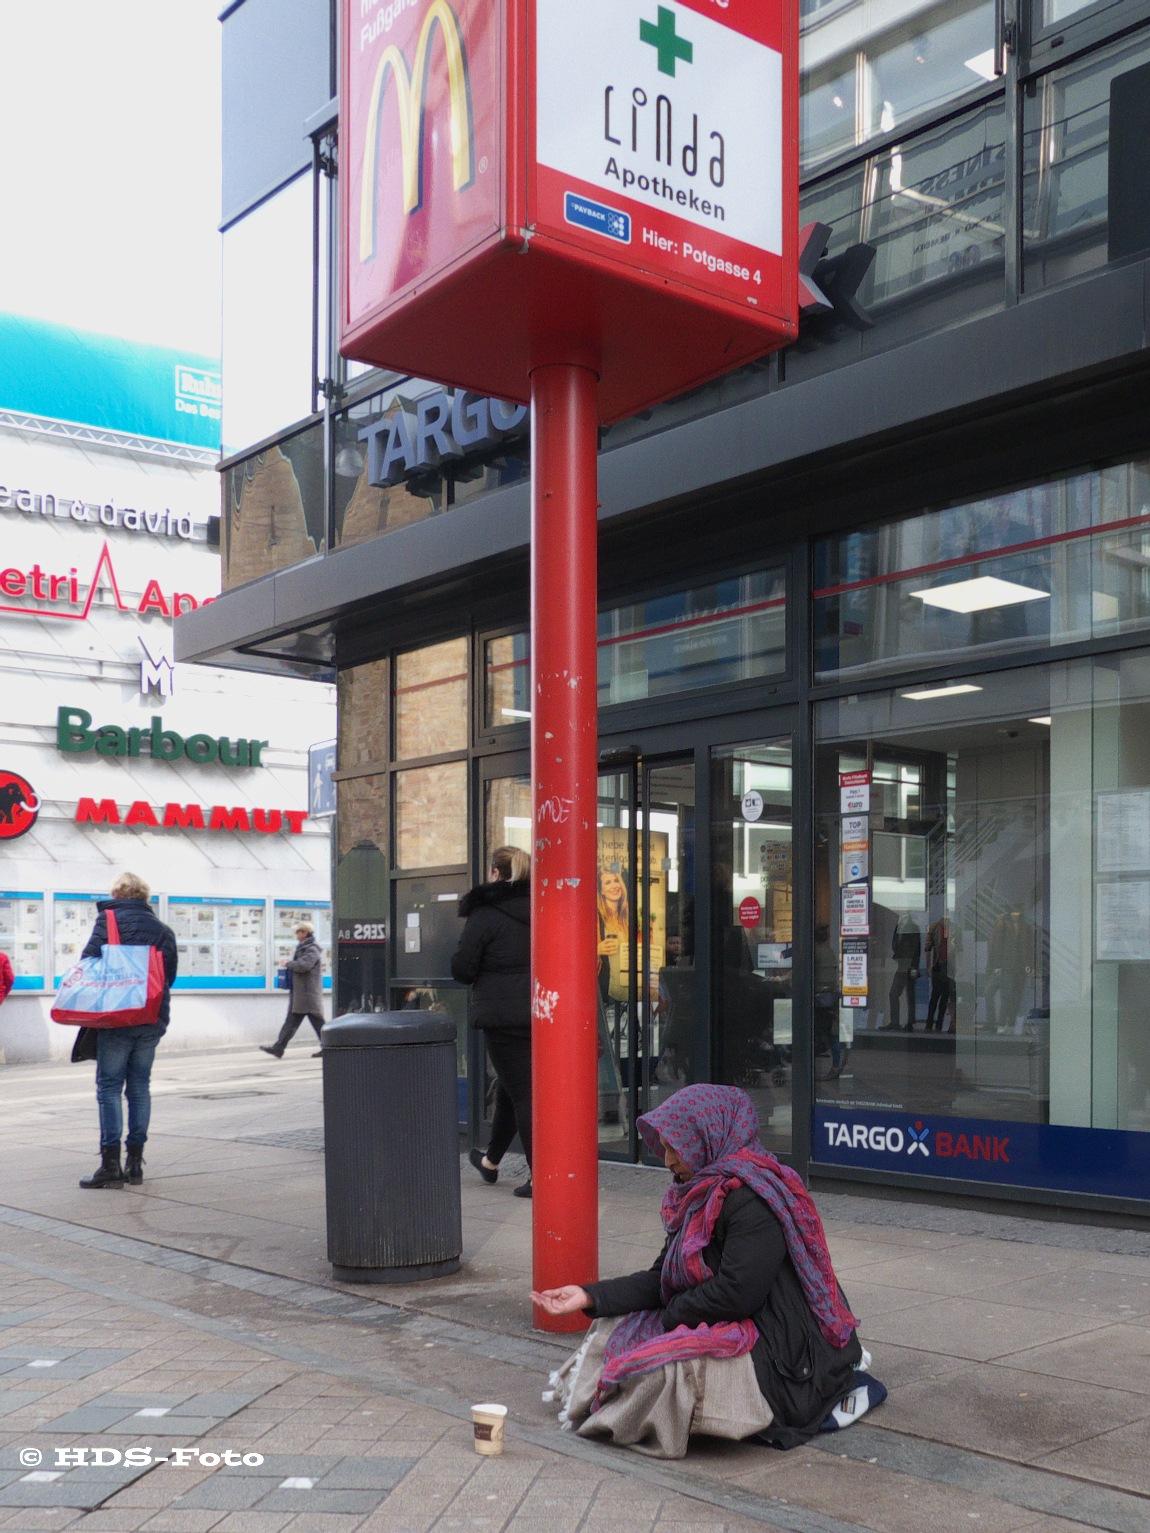 Asking for money infront of TARGOBANK by Horst Schade